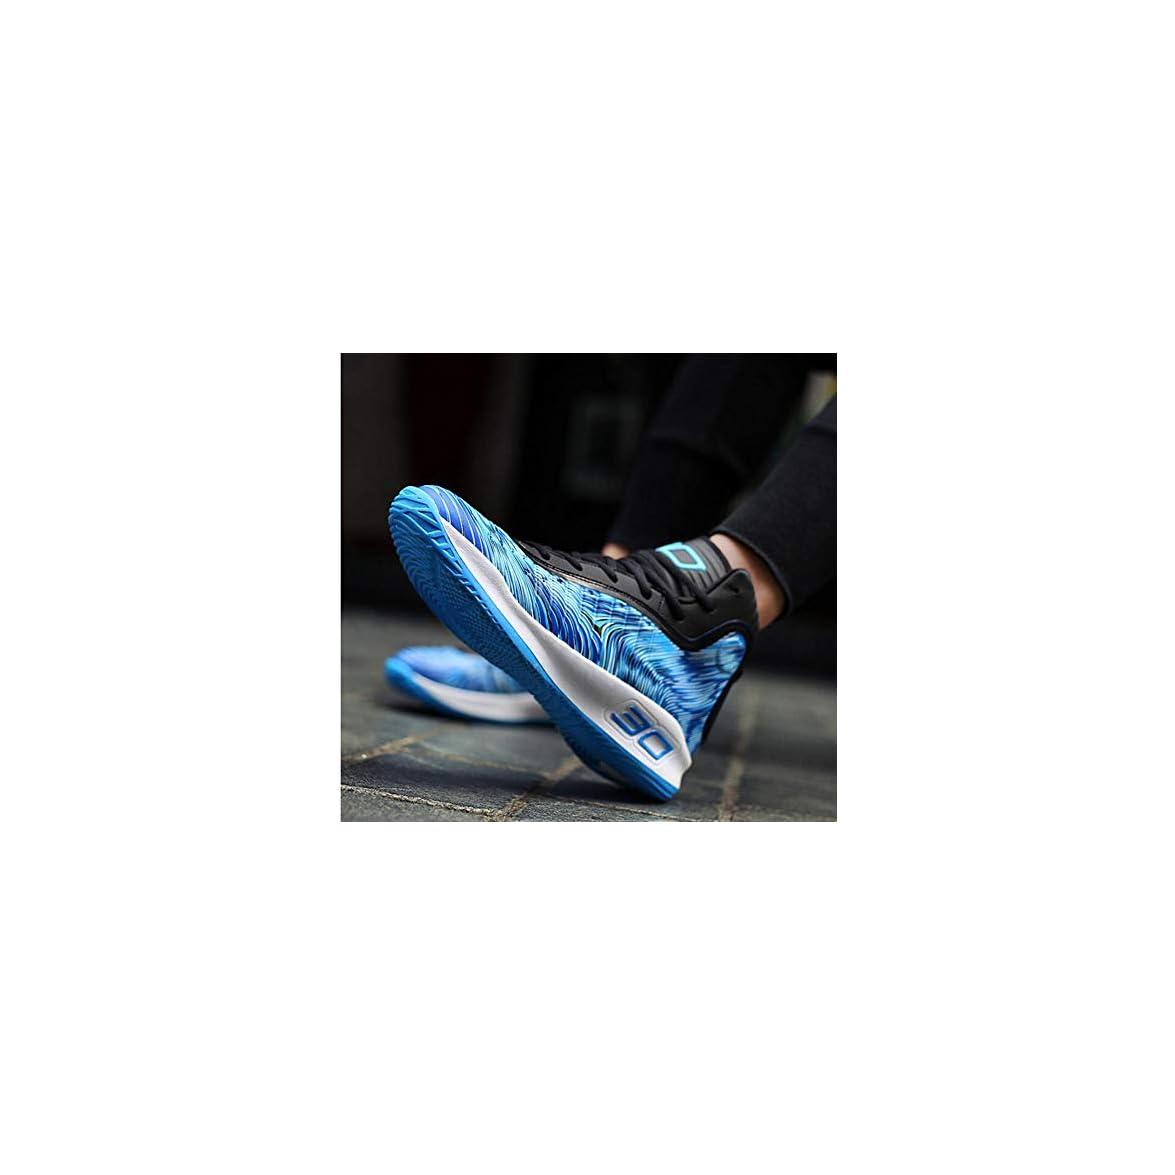 Yaxuan Scarpa Scarpe Da Basket Uomo Per Gli Amanti Novità Sneakers 2019 E Donna Stivali Homme Four Season colore Un Dimensione 45